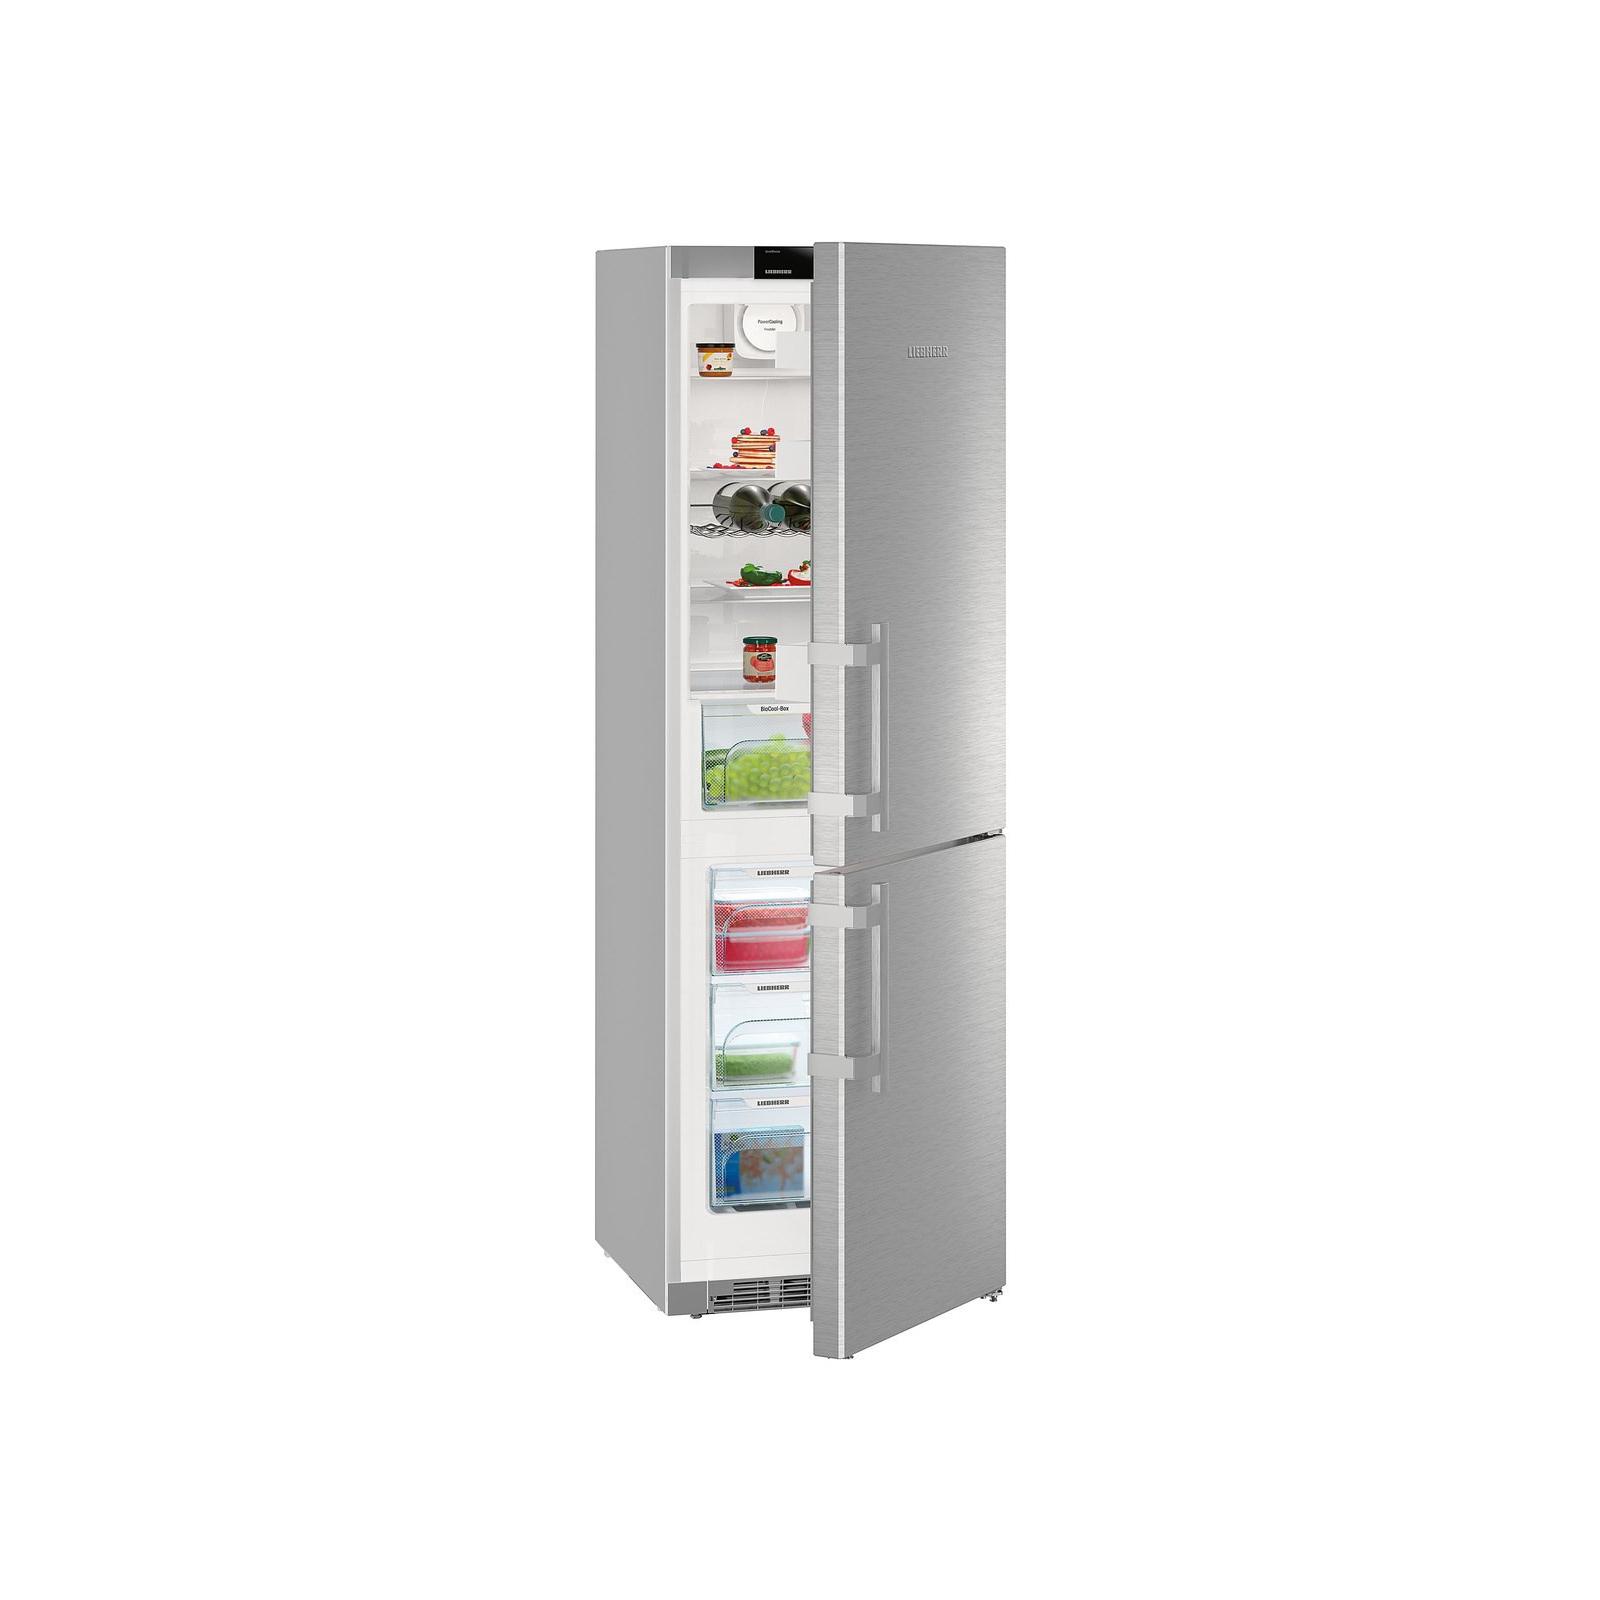 Холодильник Liebherr CPef 4315 изображение 4